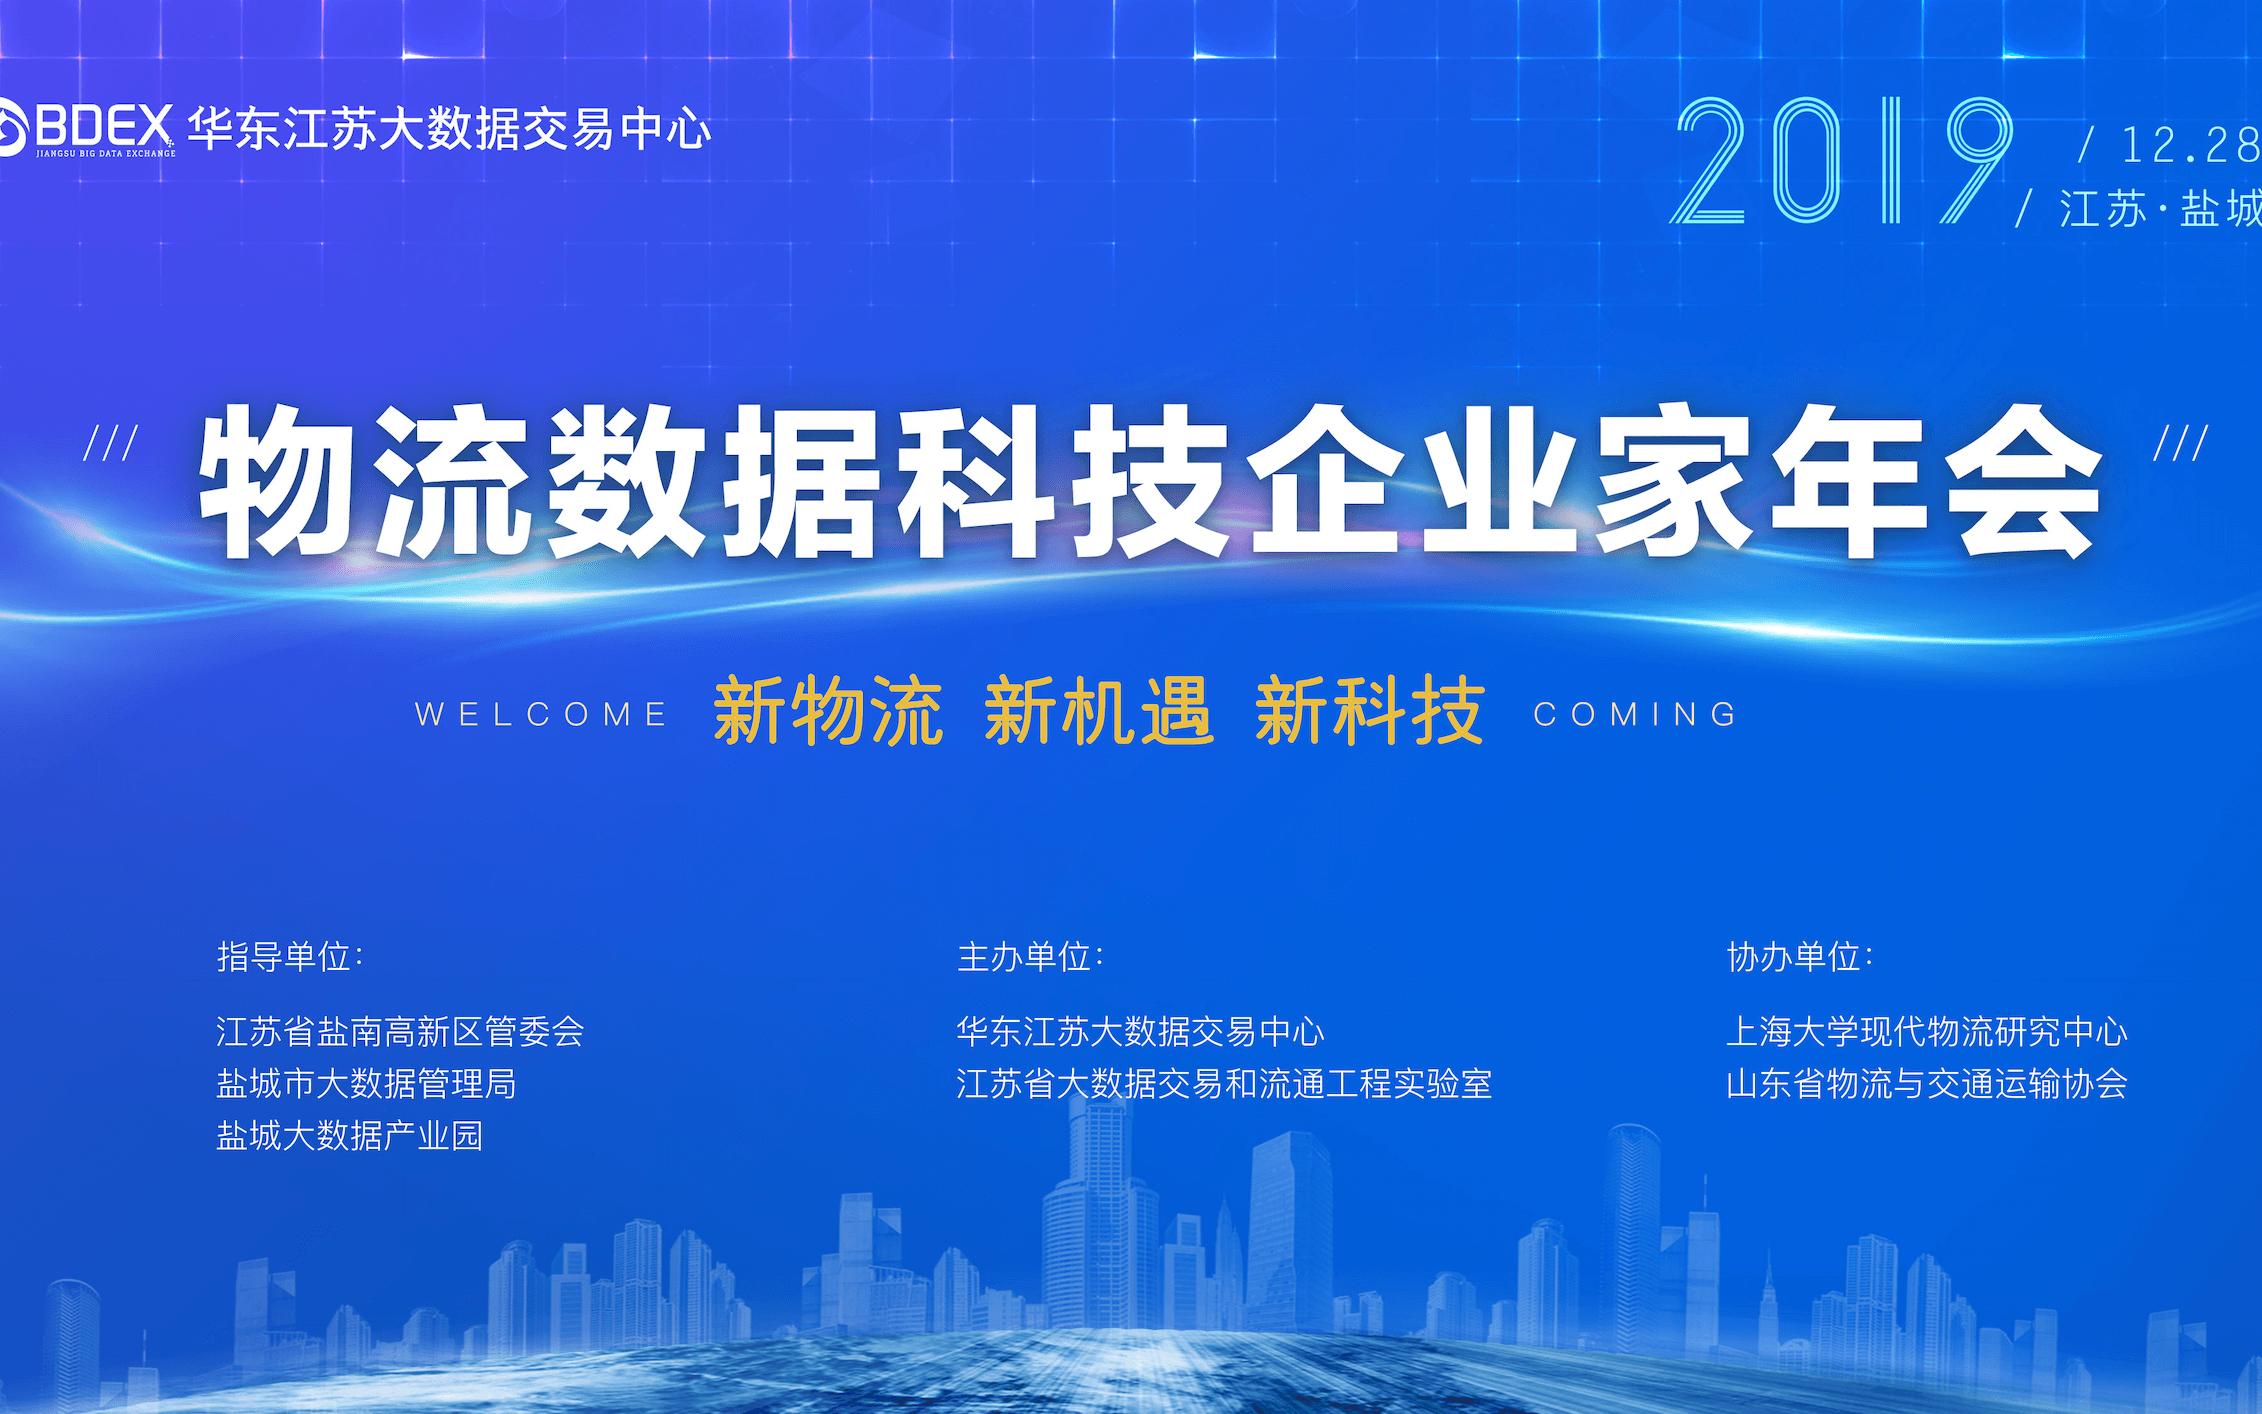 企业年会 | 2019物流数据科技企业家年会(盐城)